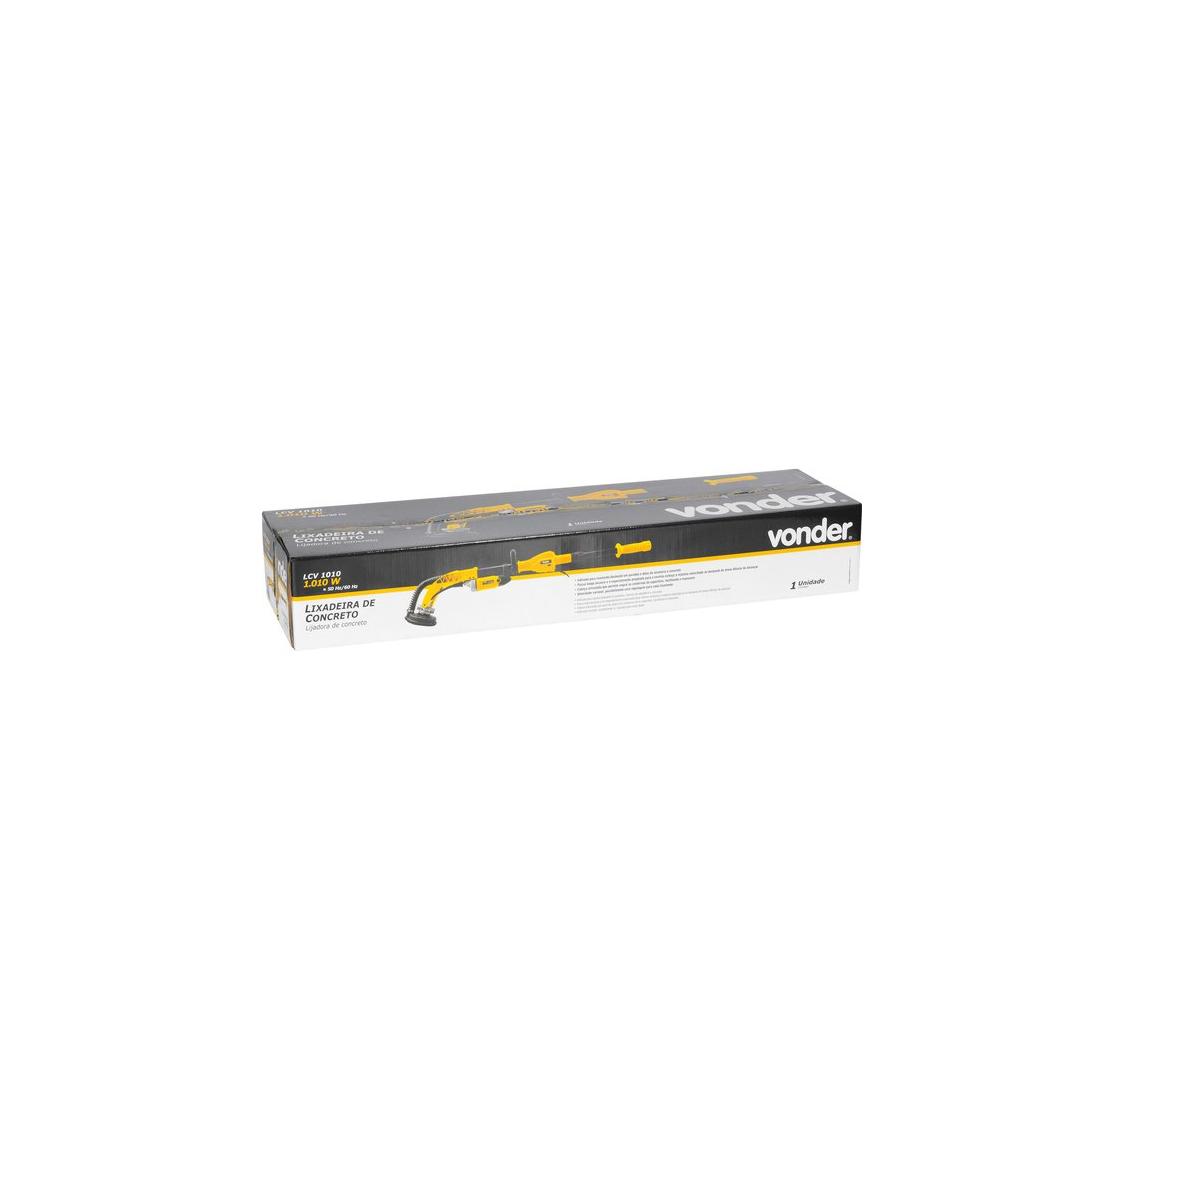 Lixadeira de concreto LCV1010 127V VONDER